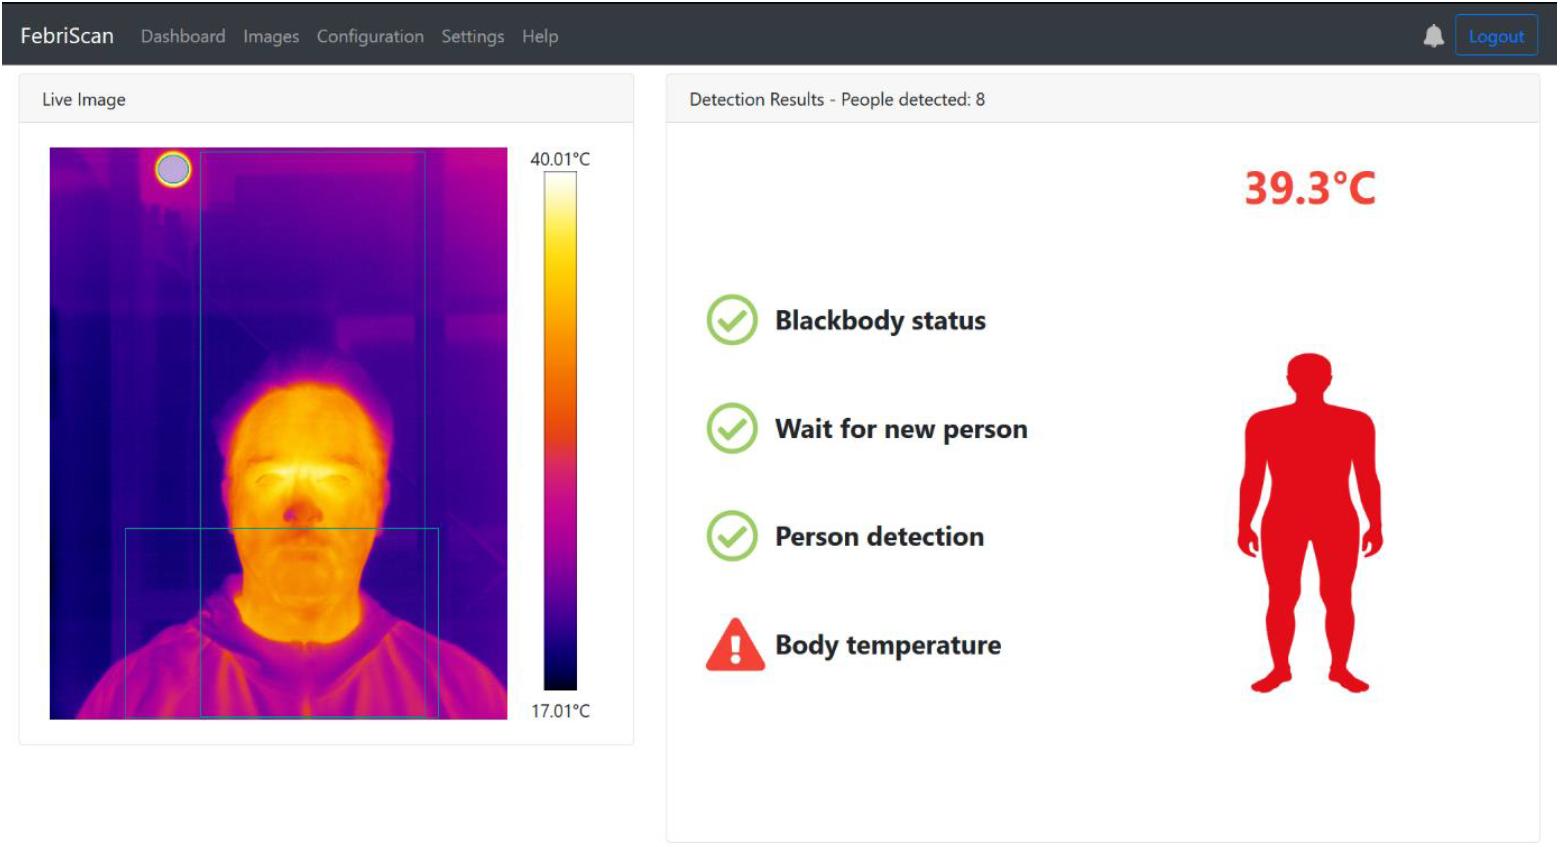 FebriScan Screenshot